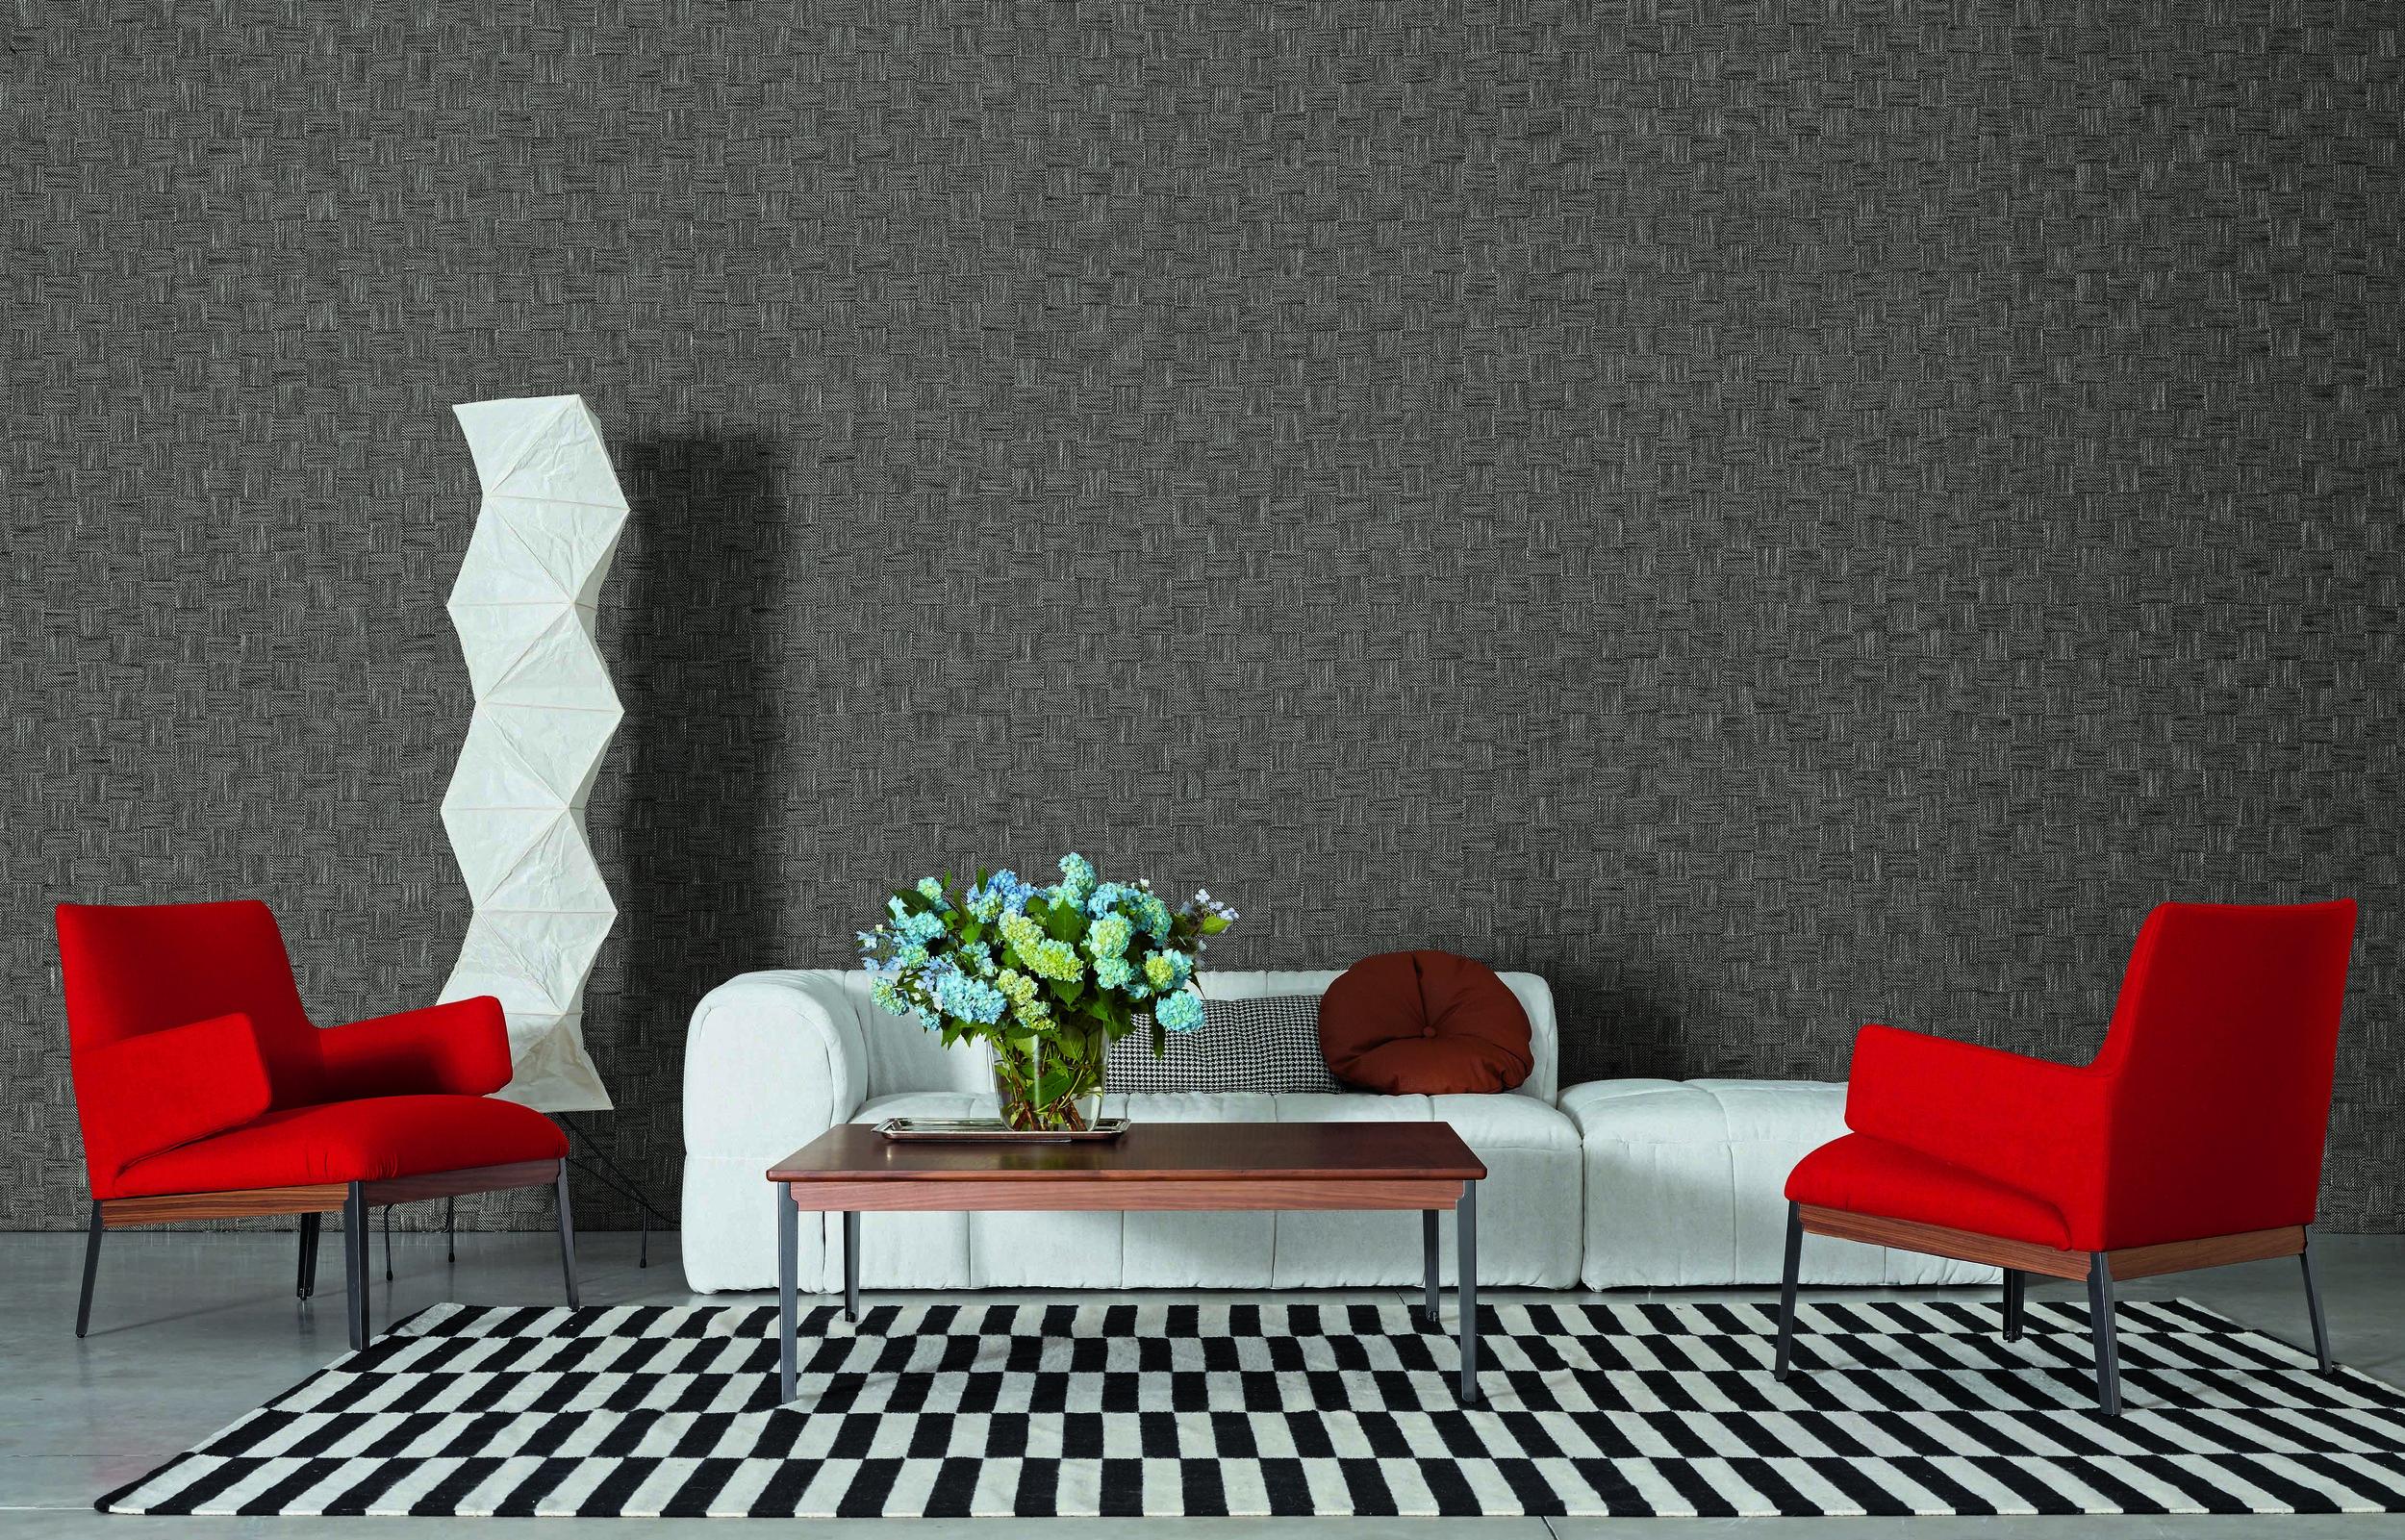 Hug Chair and Hug Table from Arflex, Strips Sofa from Arflex